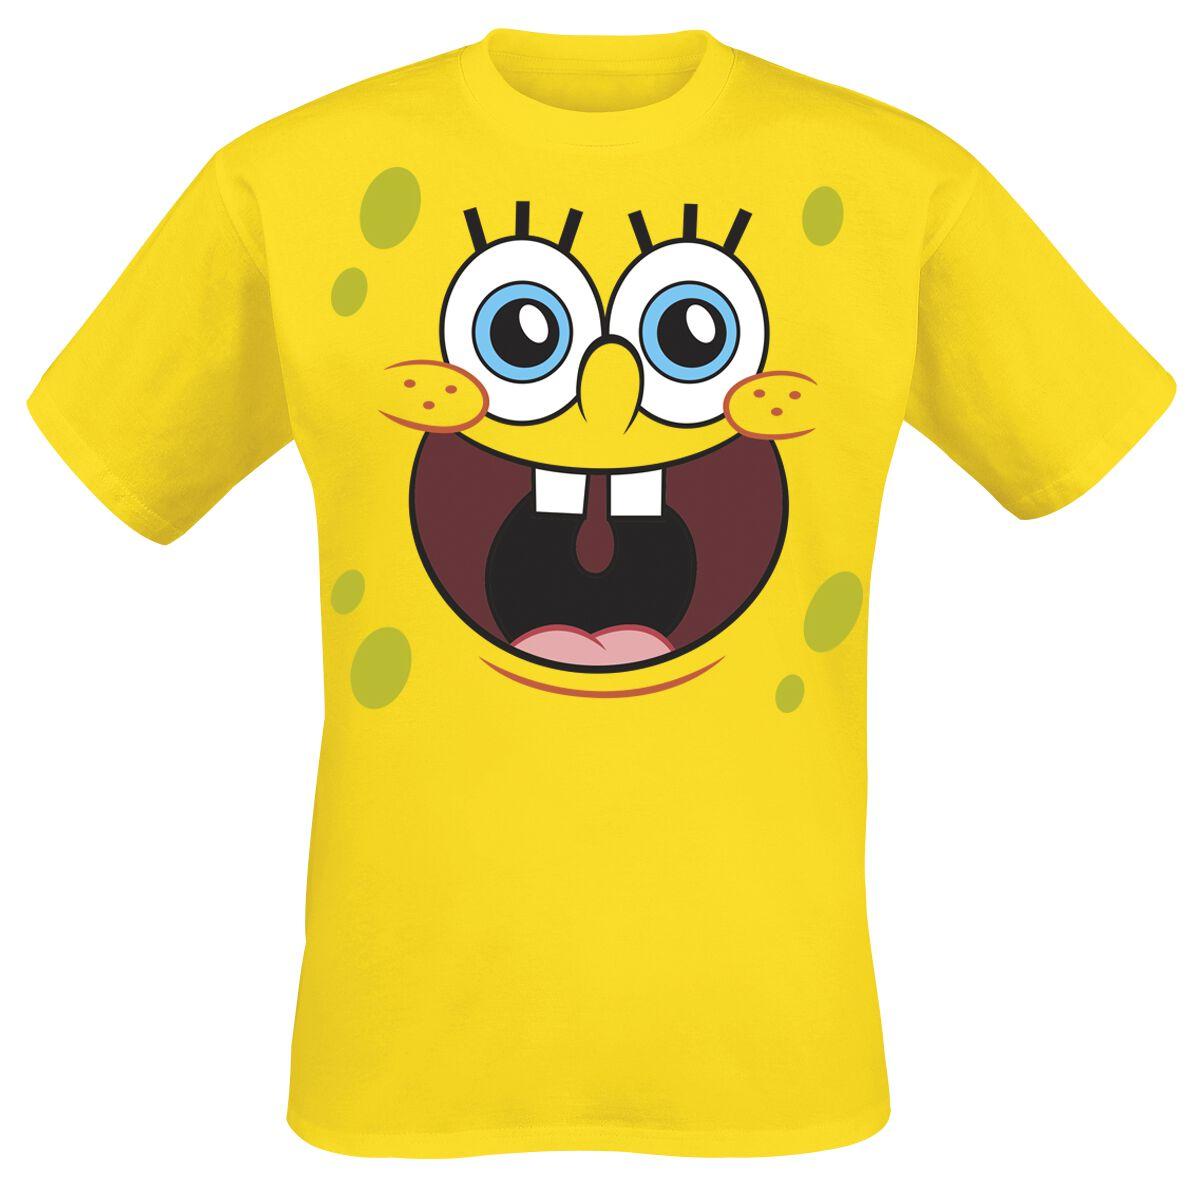 Merch dla Fanów - Koszulki - T-Shirt SpongeBob SquarePants Sponge Happy Face T-Shirt pomarańczowy - 355737